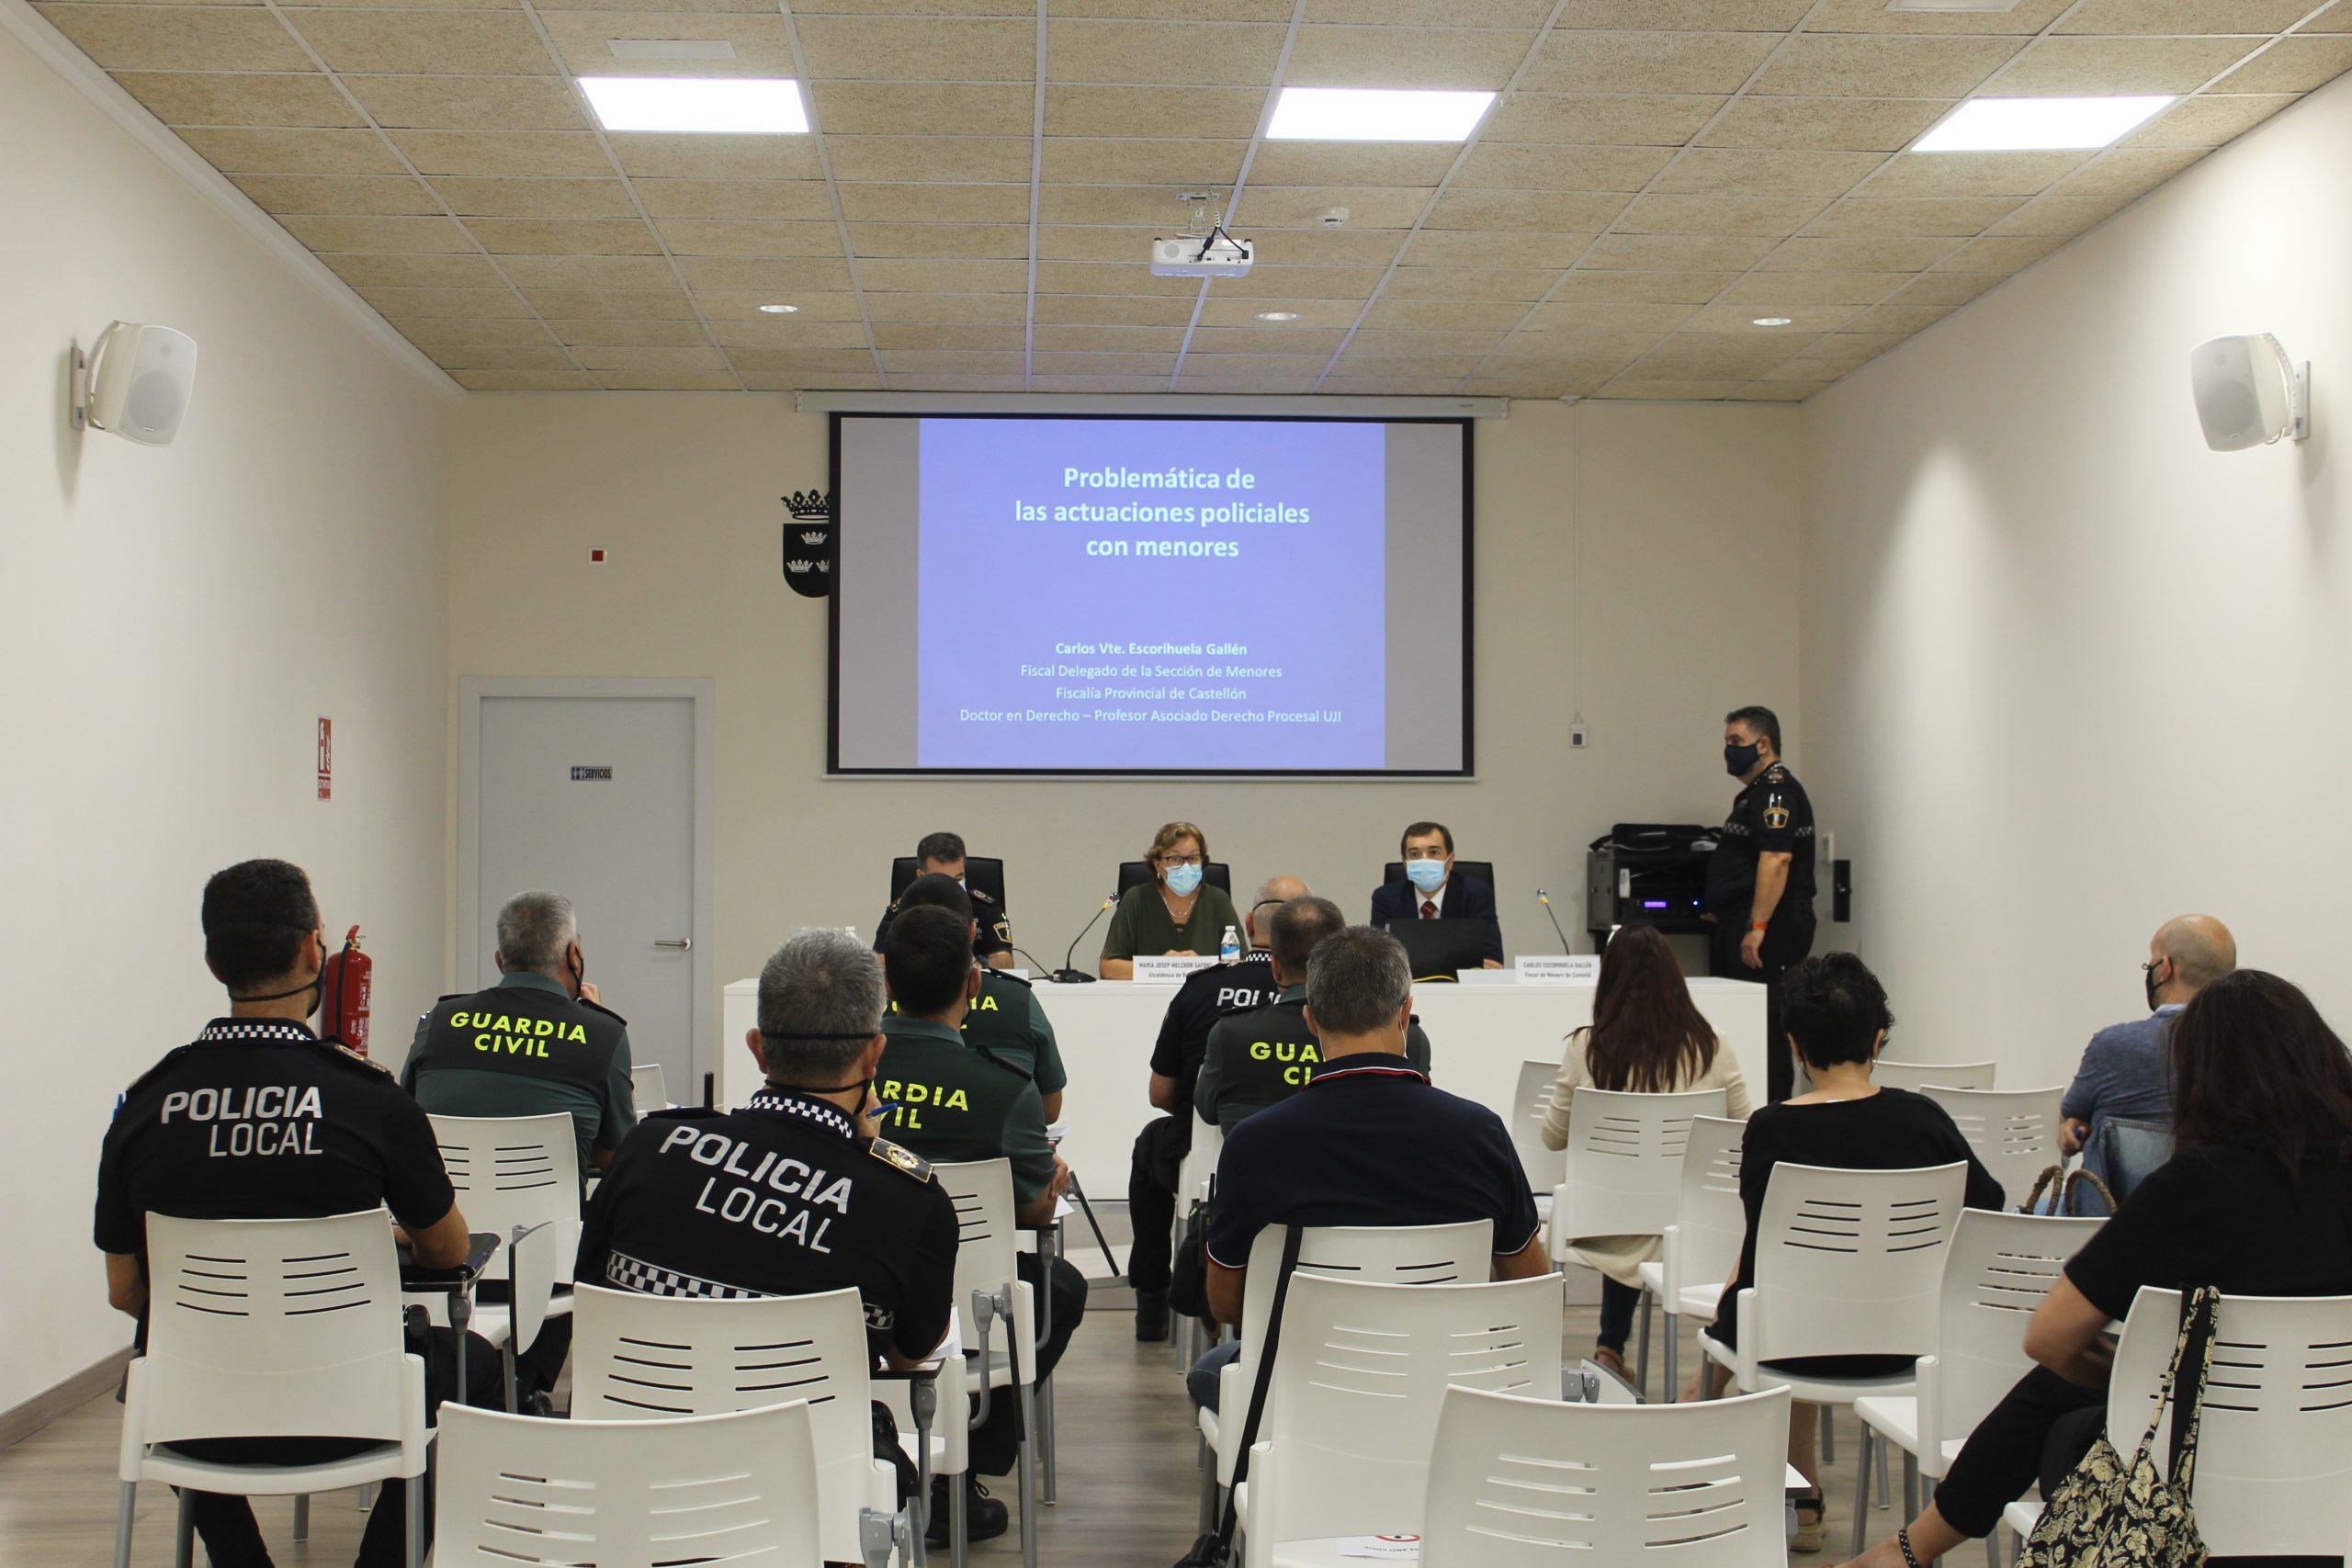 Una ponencia del fiscal delegado de Menores de Castellón, sobre actuaciones policiales con menores, inaugura el nuevo Centro de Formación de la Policía Local de Burriana